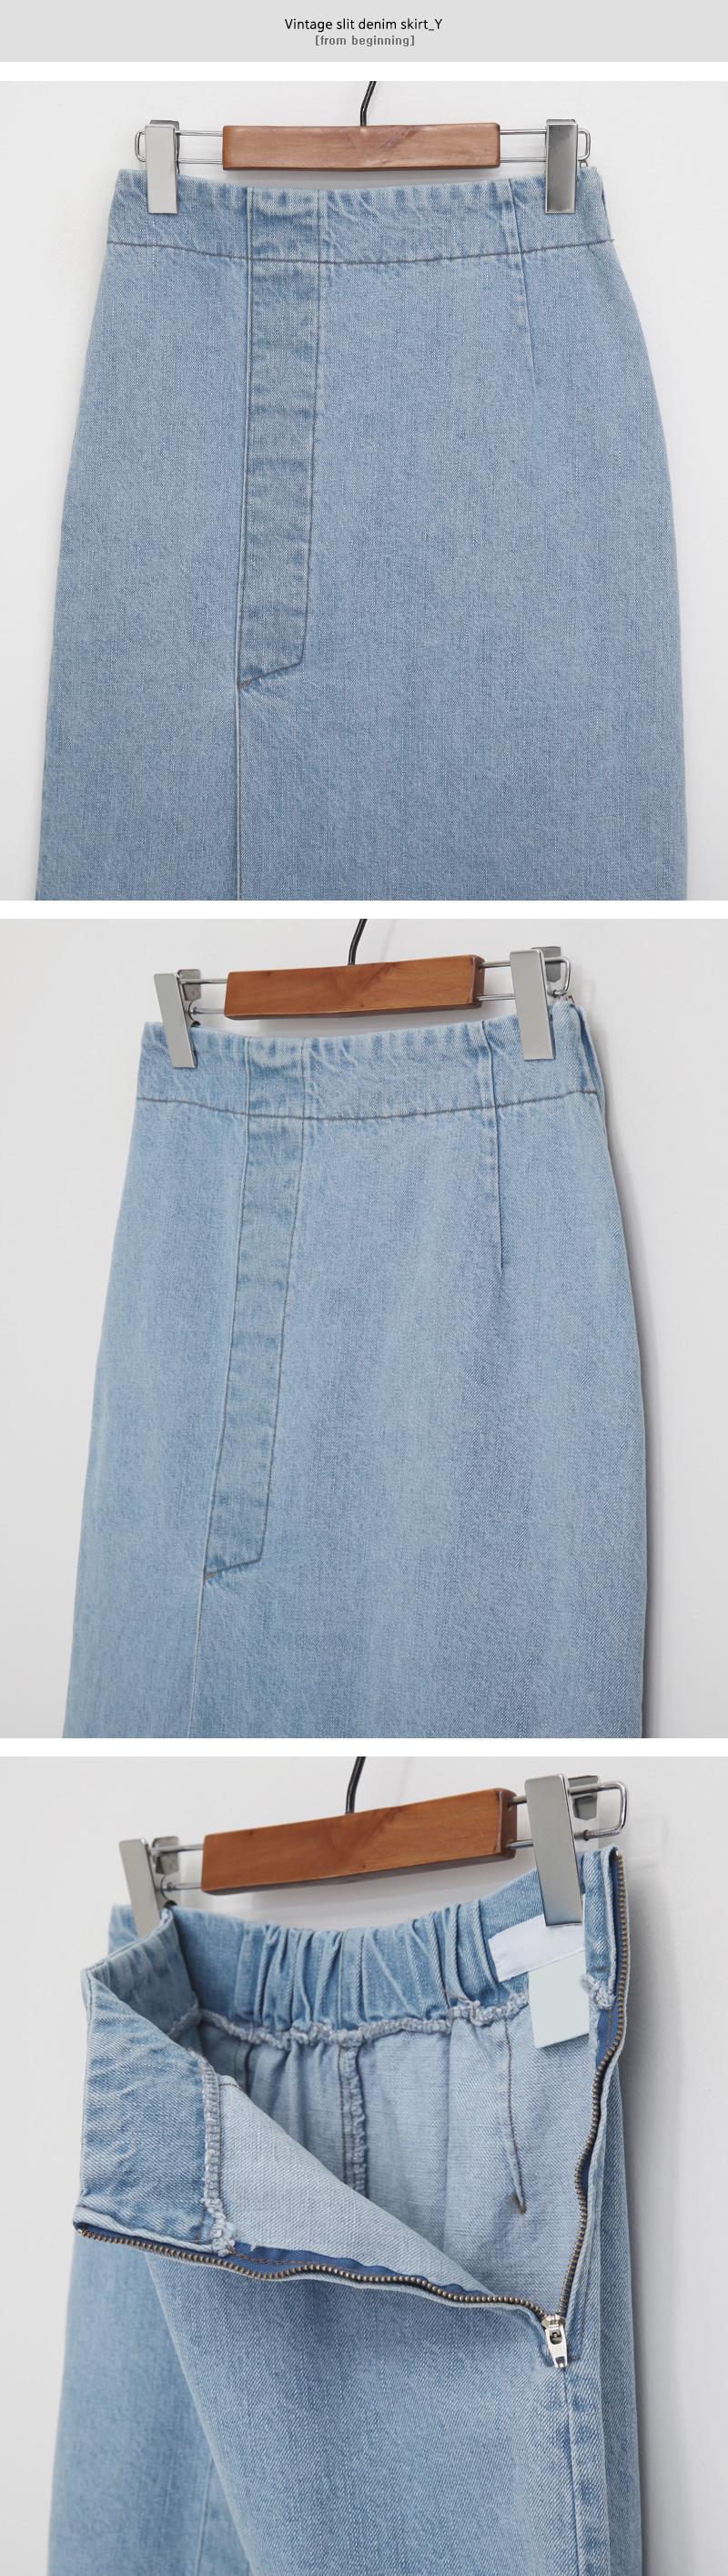 Vintage slit denim skirt_Y